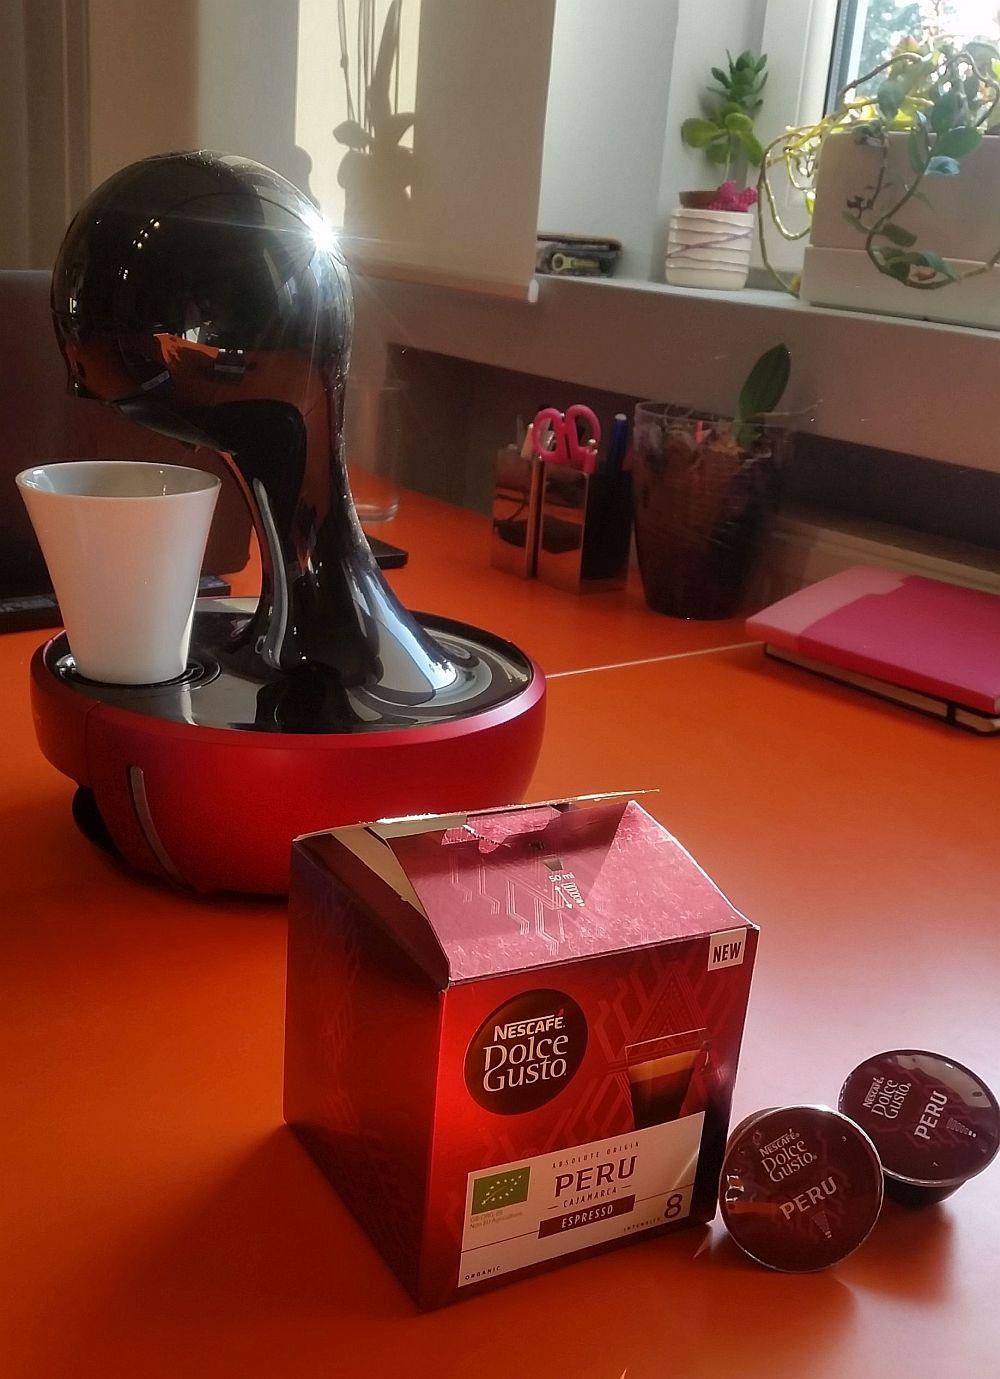 adelaparvu.com despre cafea bio si concurs Nescafe Dolce Gusto, Peru cafea